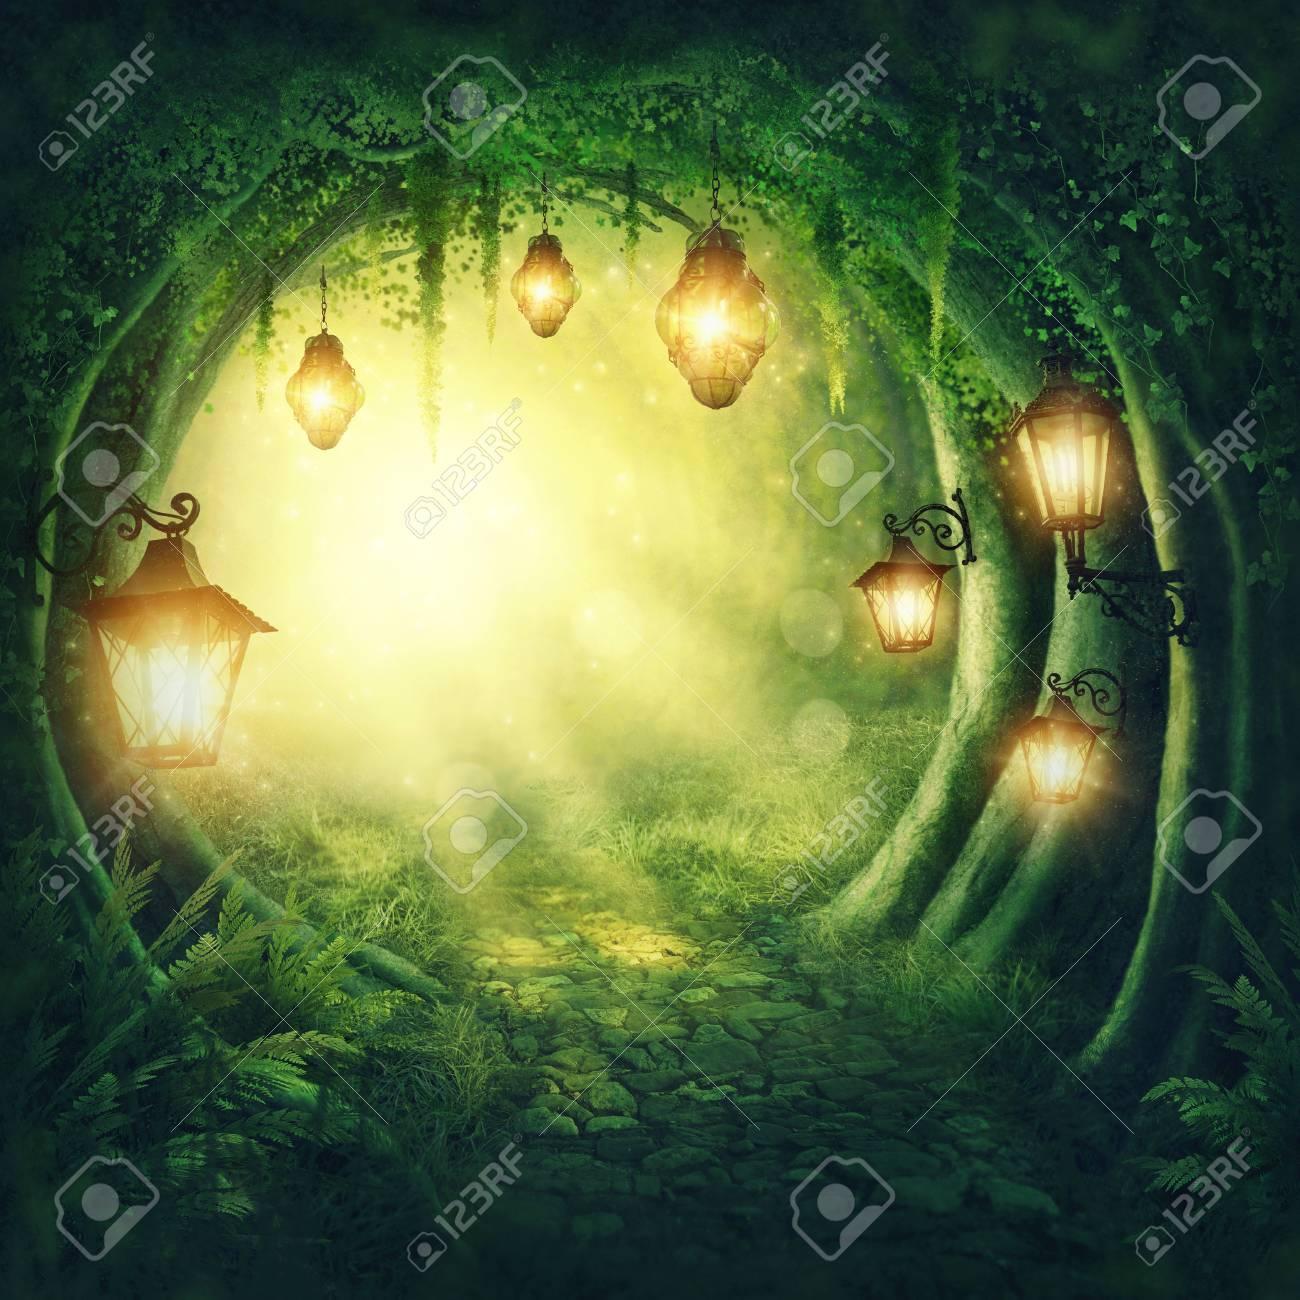 Road in a magic dark forest - 70758408